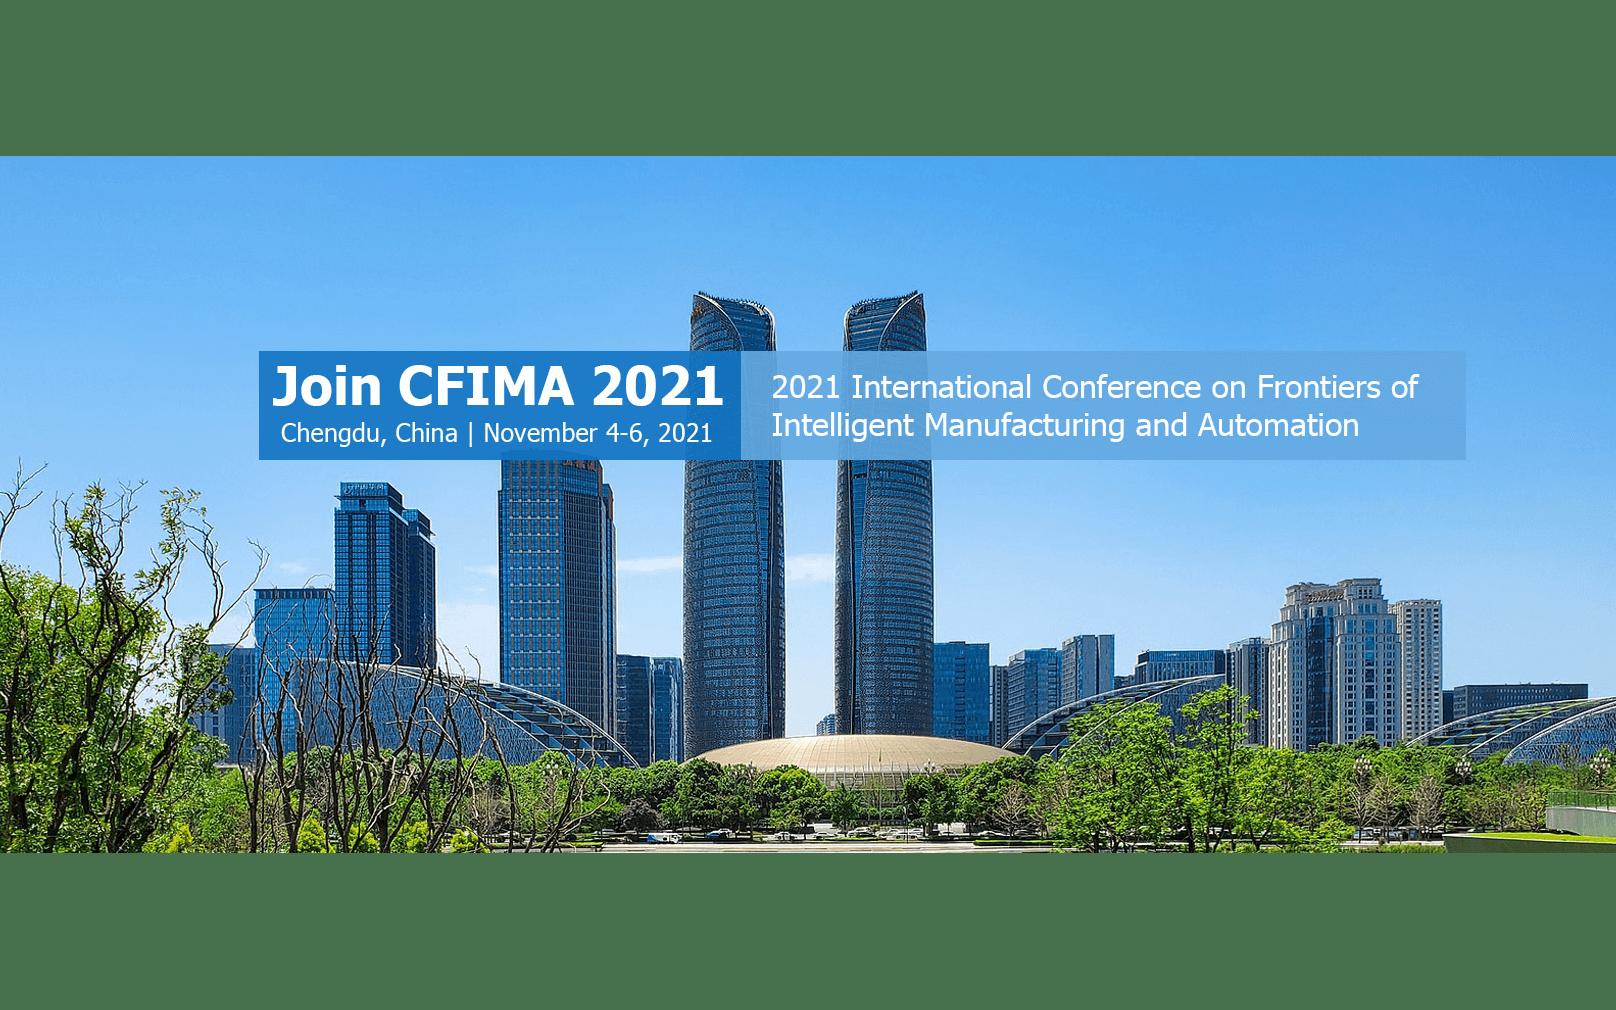 2021年第二届智能制造与自动化前沿国际会议(CFIMA 2021)EI检索